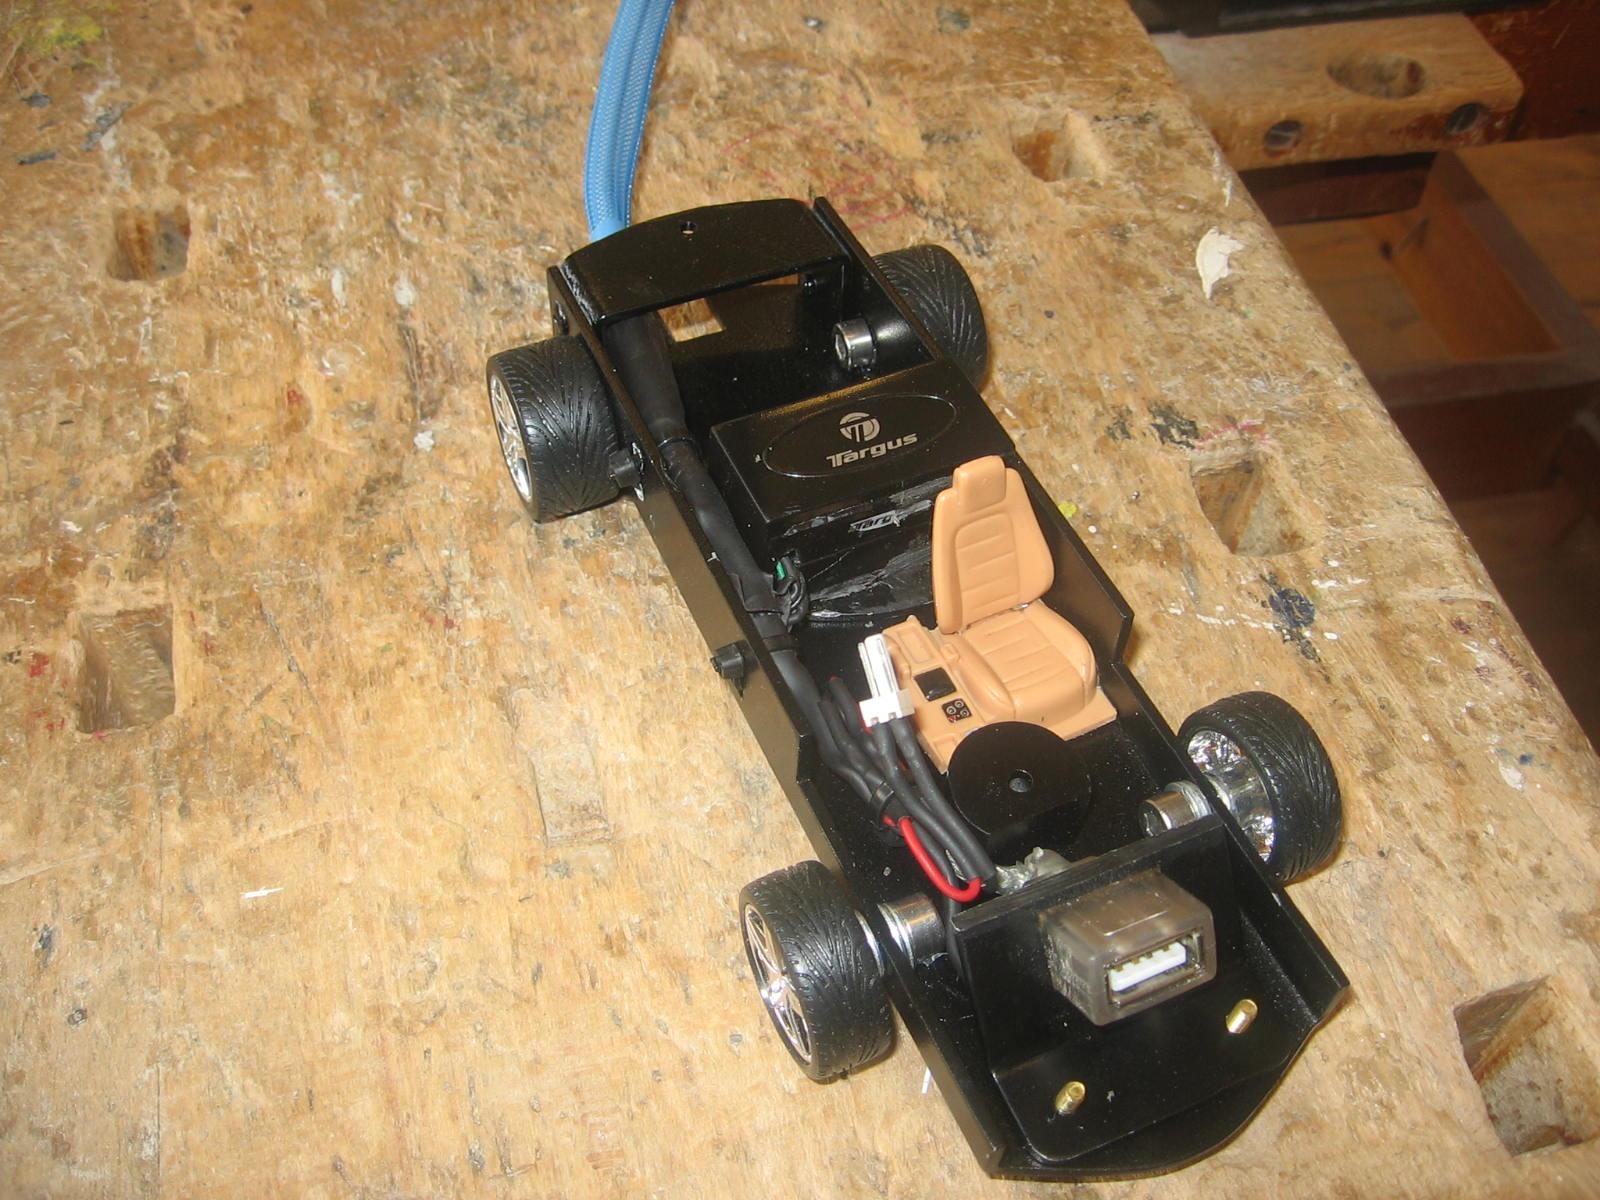 Så er det hele monteret. Forlysets ledninger er jo fastgjort på den indre side af karossen. Så derfor har jeg brugt et lille stik, så man kan tage karossen af, uden den hænger fast i en ledning.